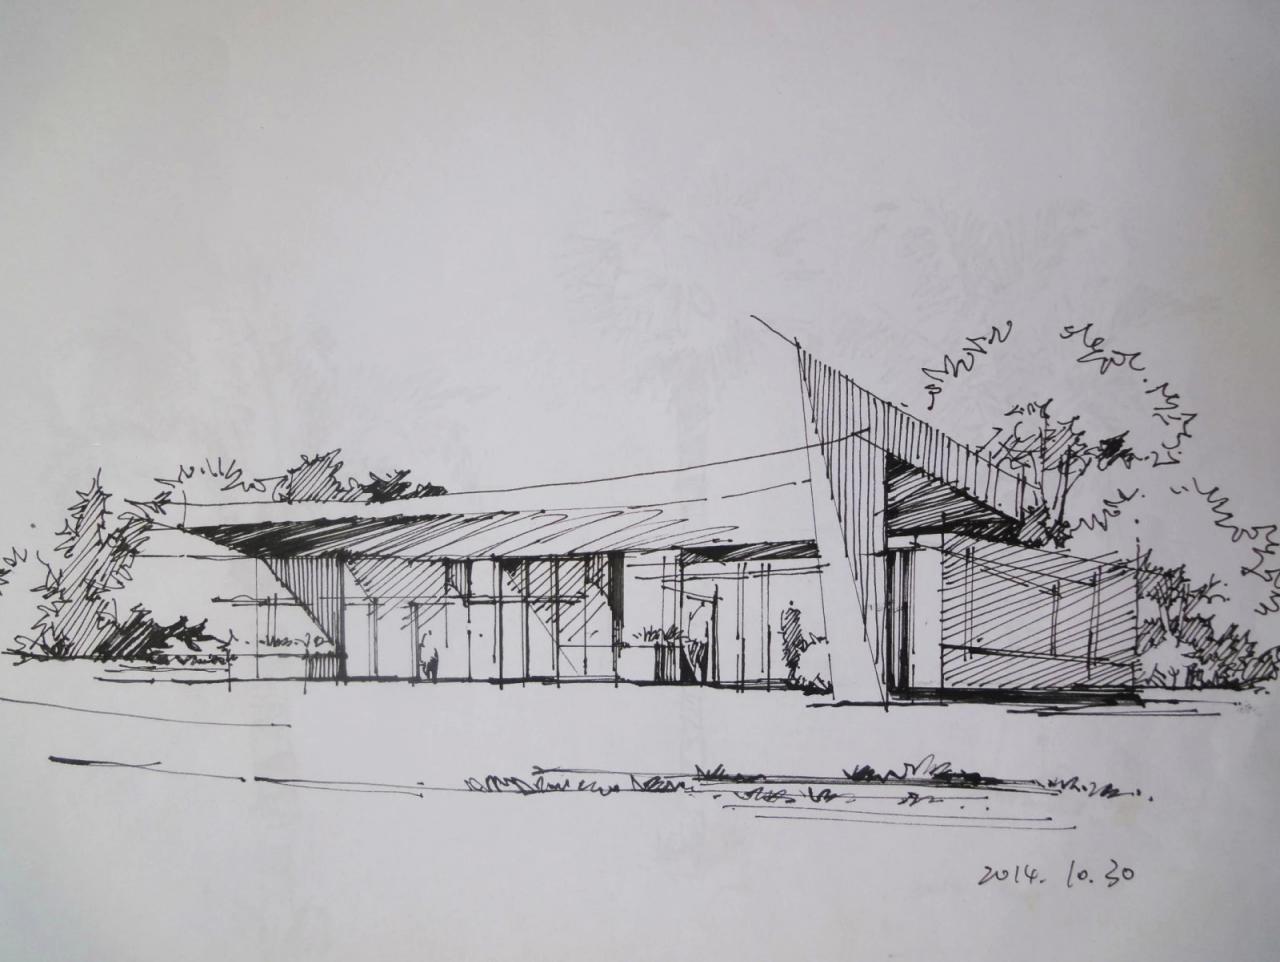 建筑设计 及室内设计 手绘表现图|空间|建筑设计|粉黛